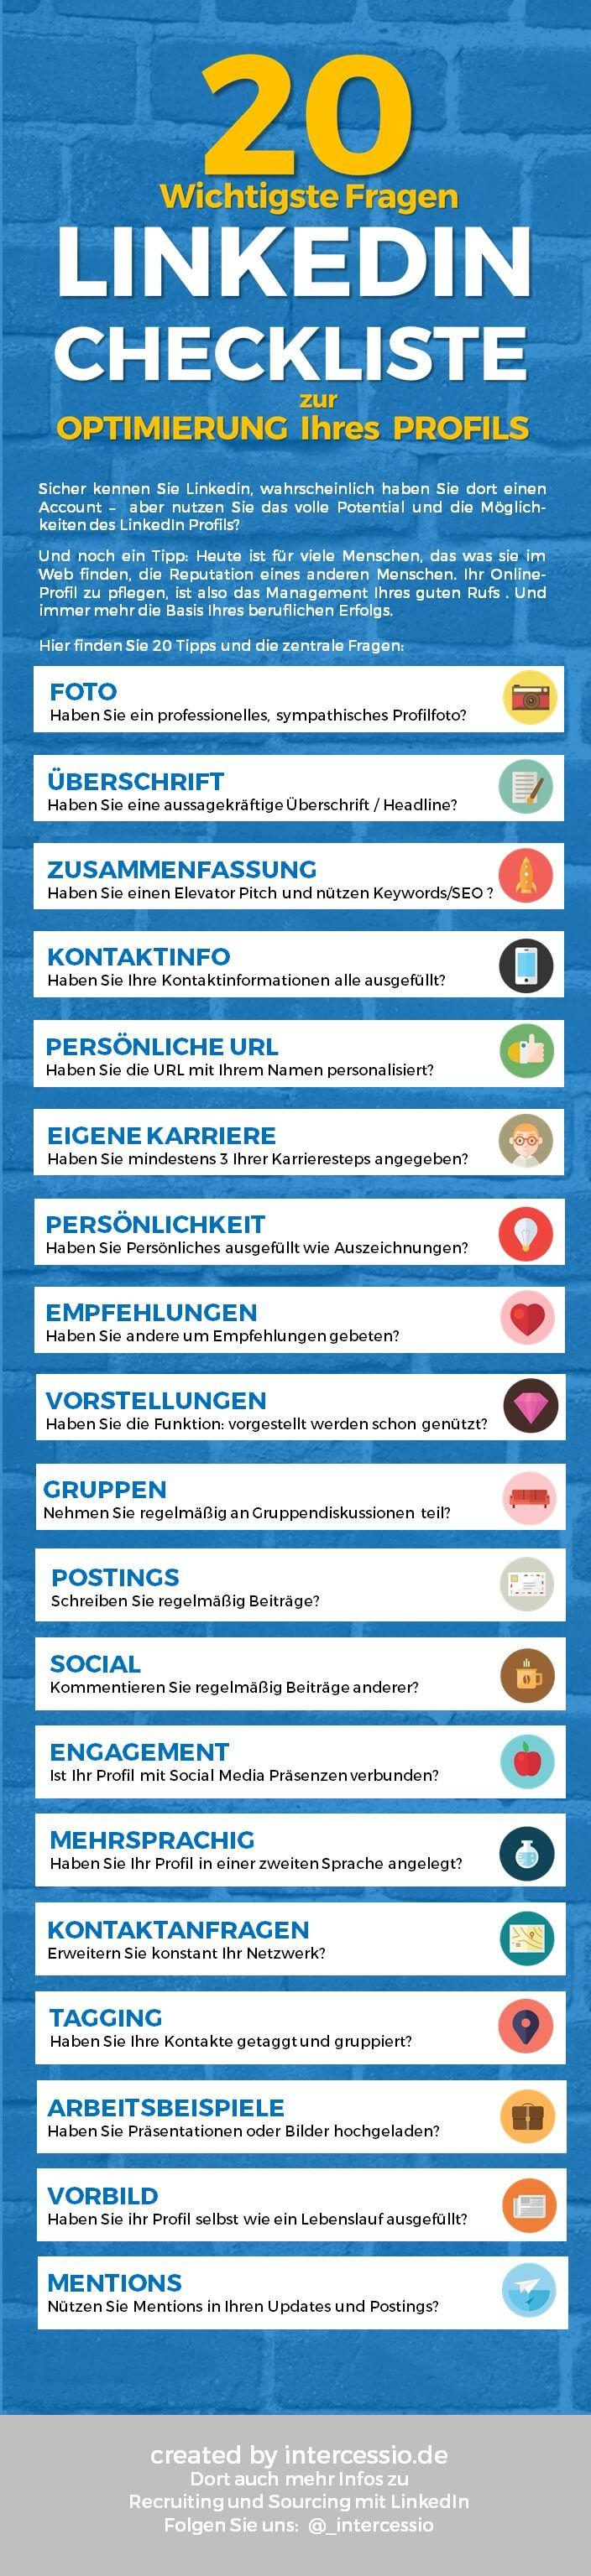 Die 20 wichtigsten Punkte Ihrer Linkedin Profil Optimierung [Infographic] via @intercessio  http://www.networkfinder.cc/xing-linkedin-facebook-profiles/19-2-punkte-zur-linkedin-profiloptimierung-infografik/ #LinkedIn